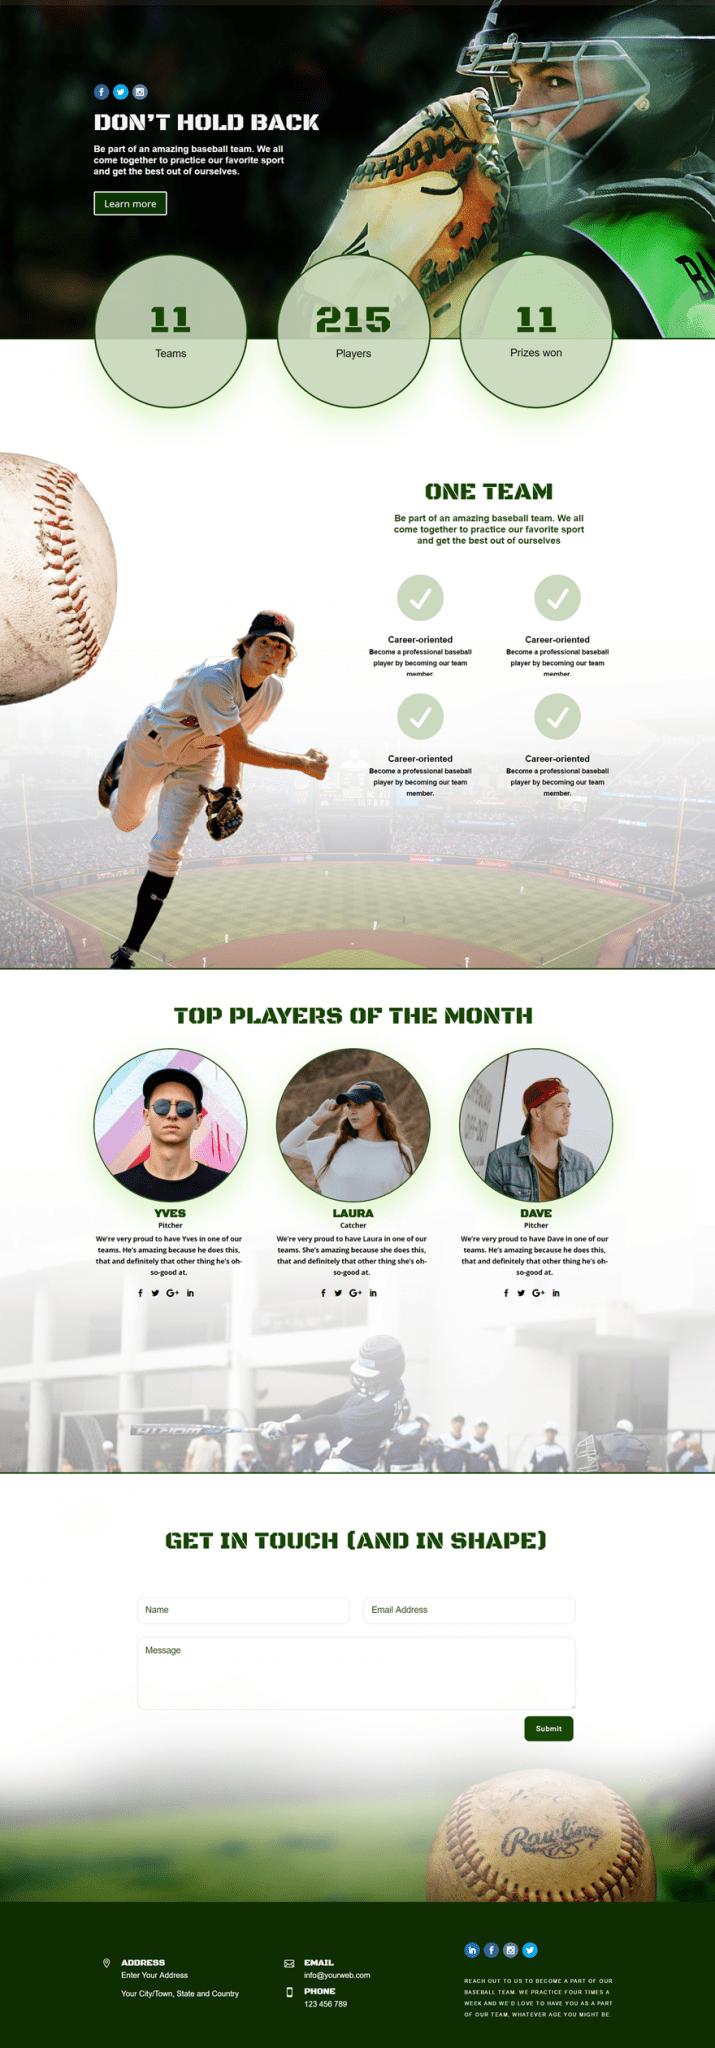 crear con divi una web para un equipo de beisbol